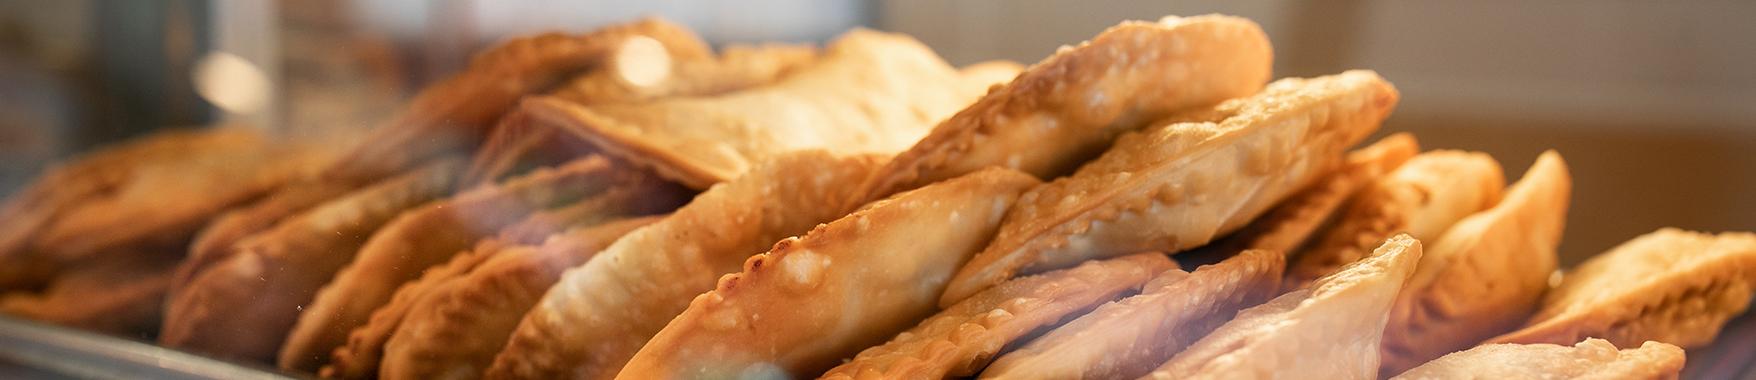 empanadas closeup